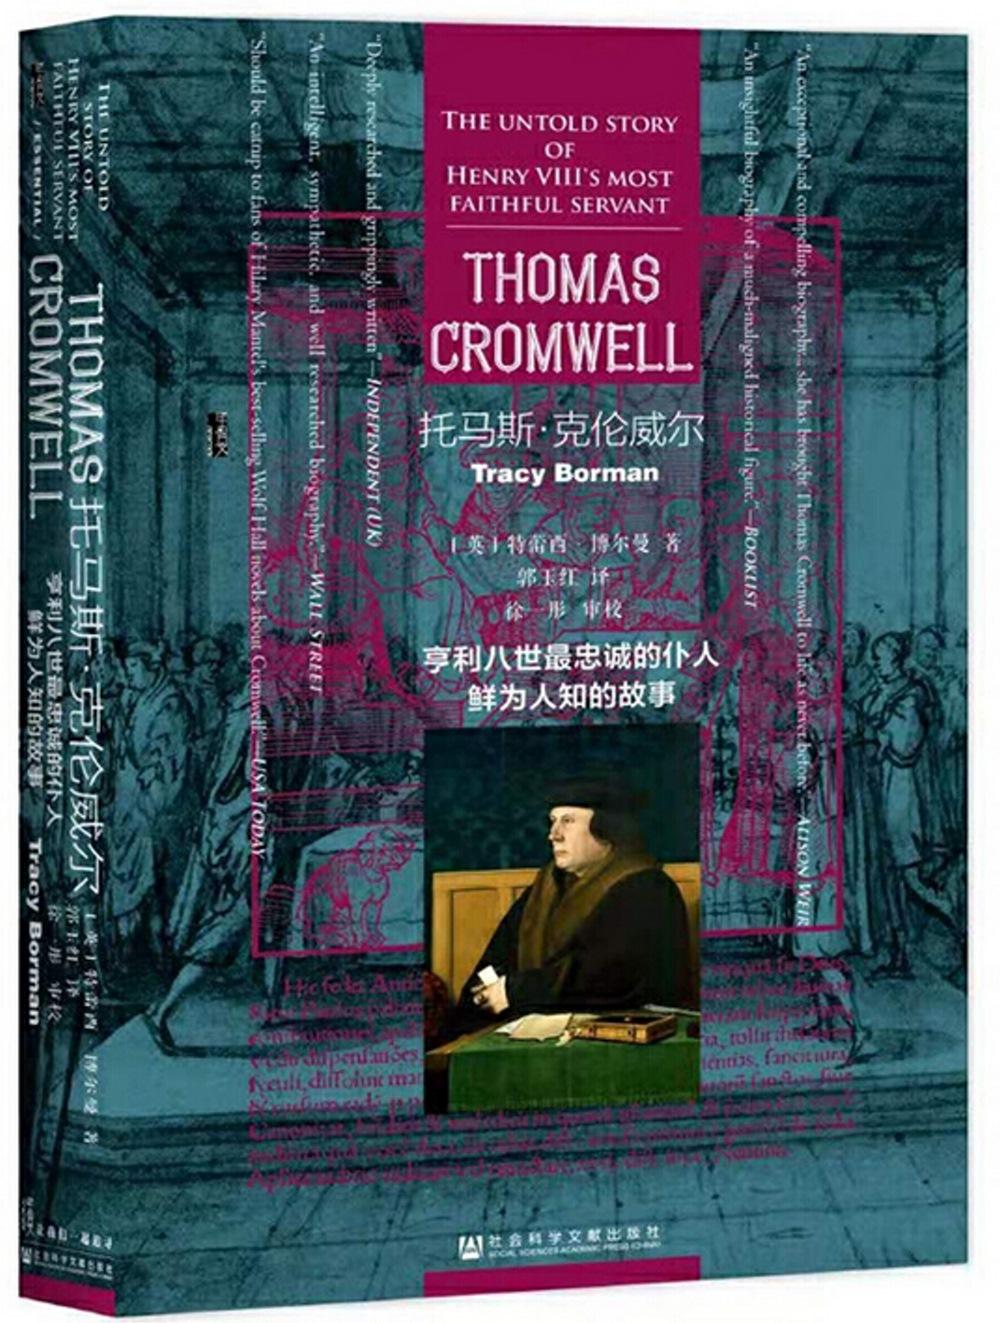 托馬斯·克倫威爾:亨利八世最忠誠的僕人鮮為人知的故事